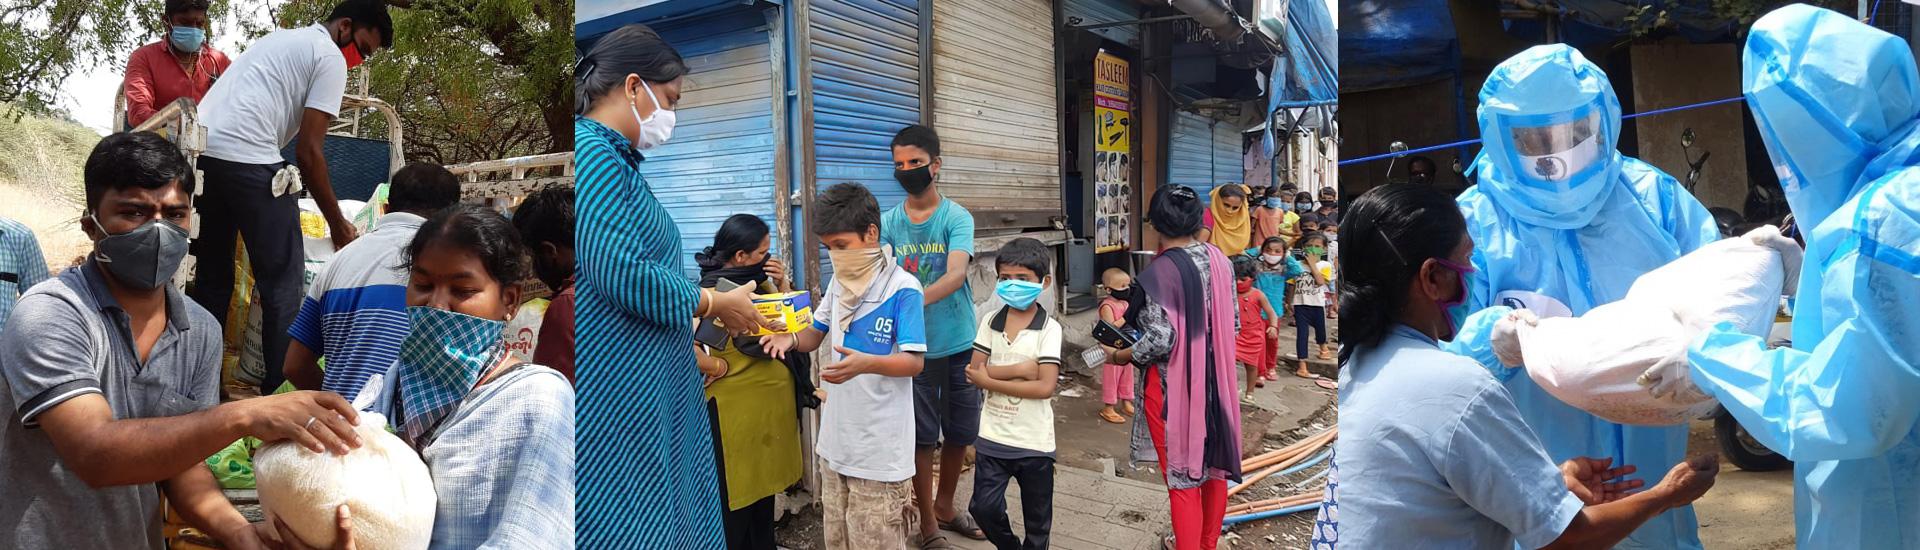 Situación crítica en India por el coronavirus. Hospitales colapsados y récord diario de nuevos contagios y de fallecidos